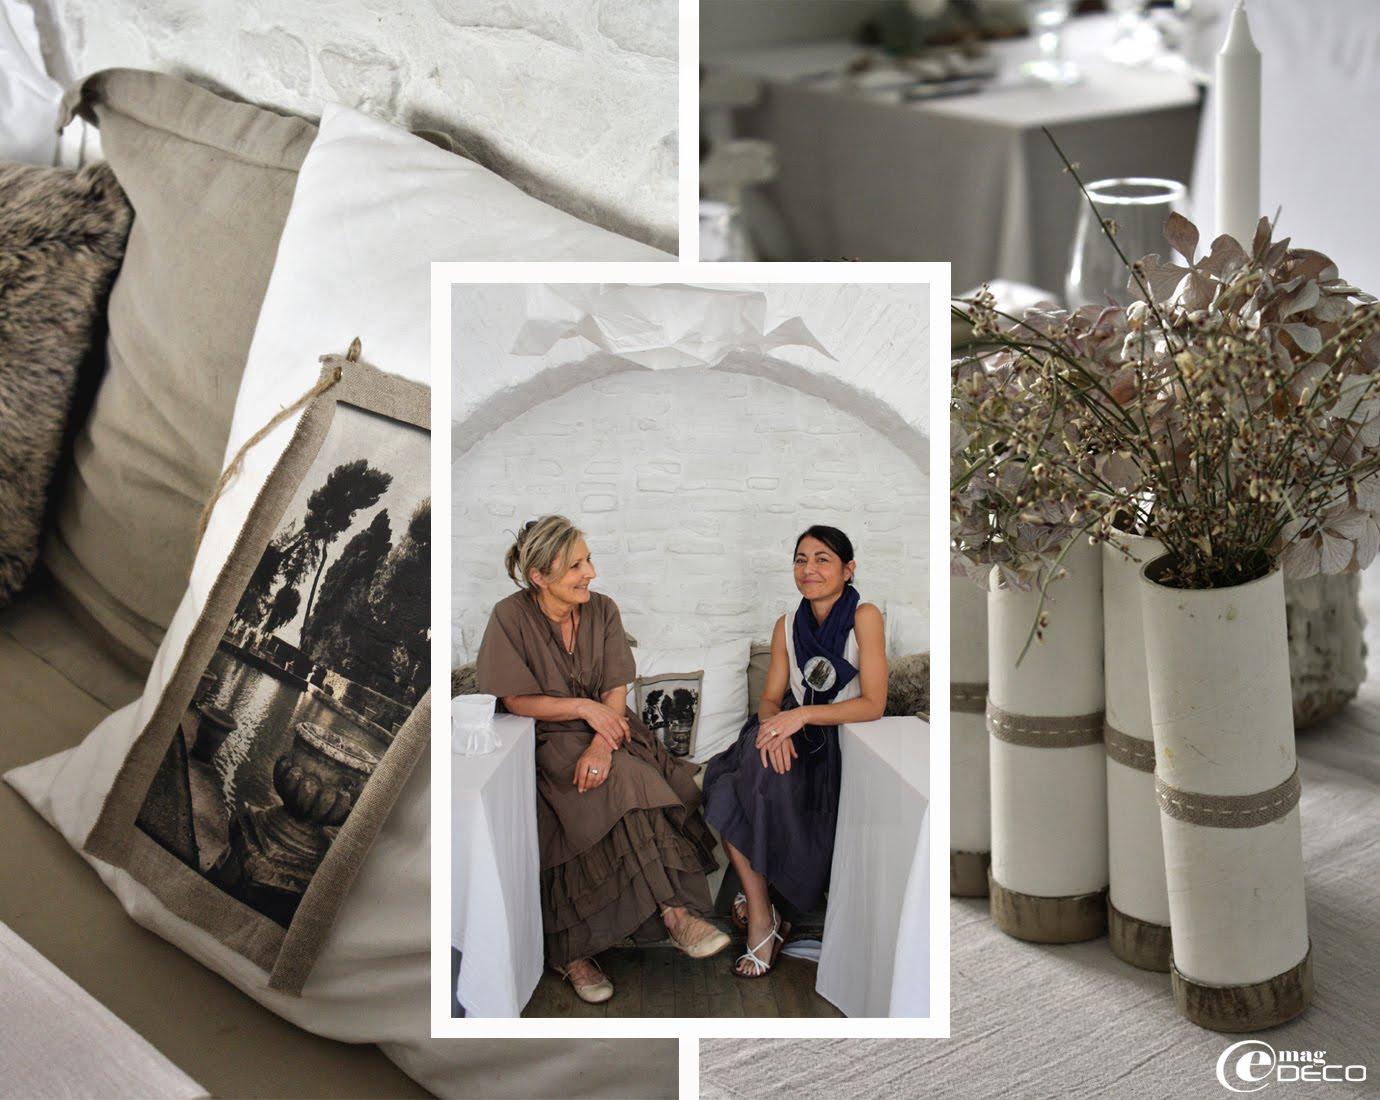 Coussin en coton blanc avec un transfert sur lin naturel d'une photographie de Dominique Roldan-Chauvet, création Béatrice Loncle et Geneviève Cazottes